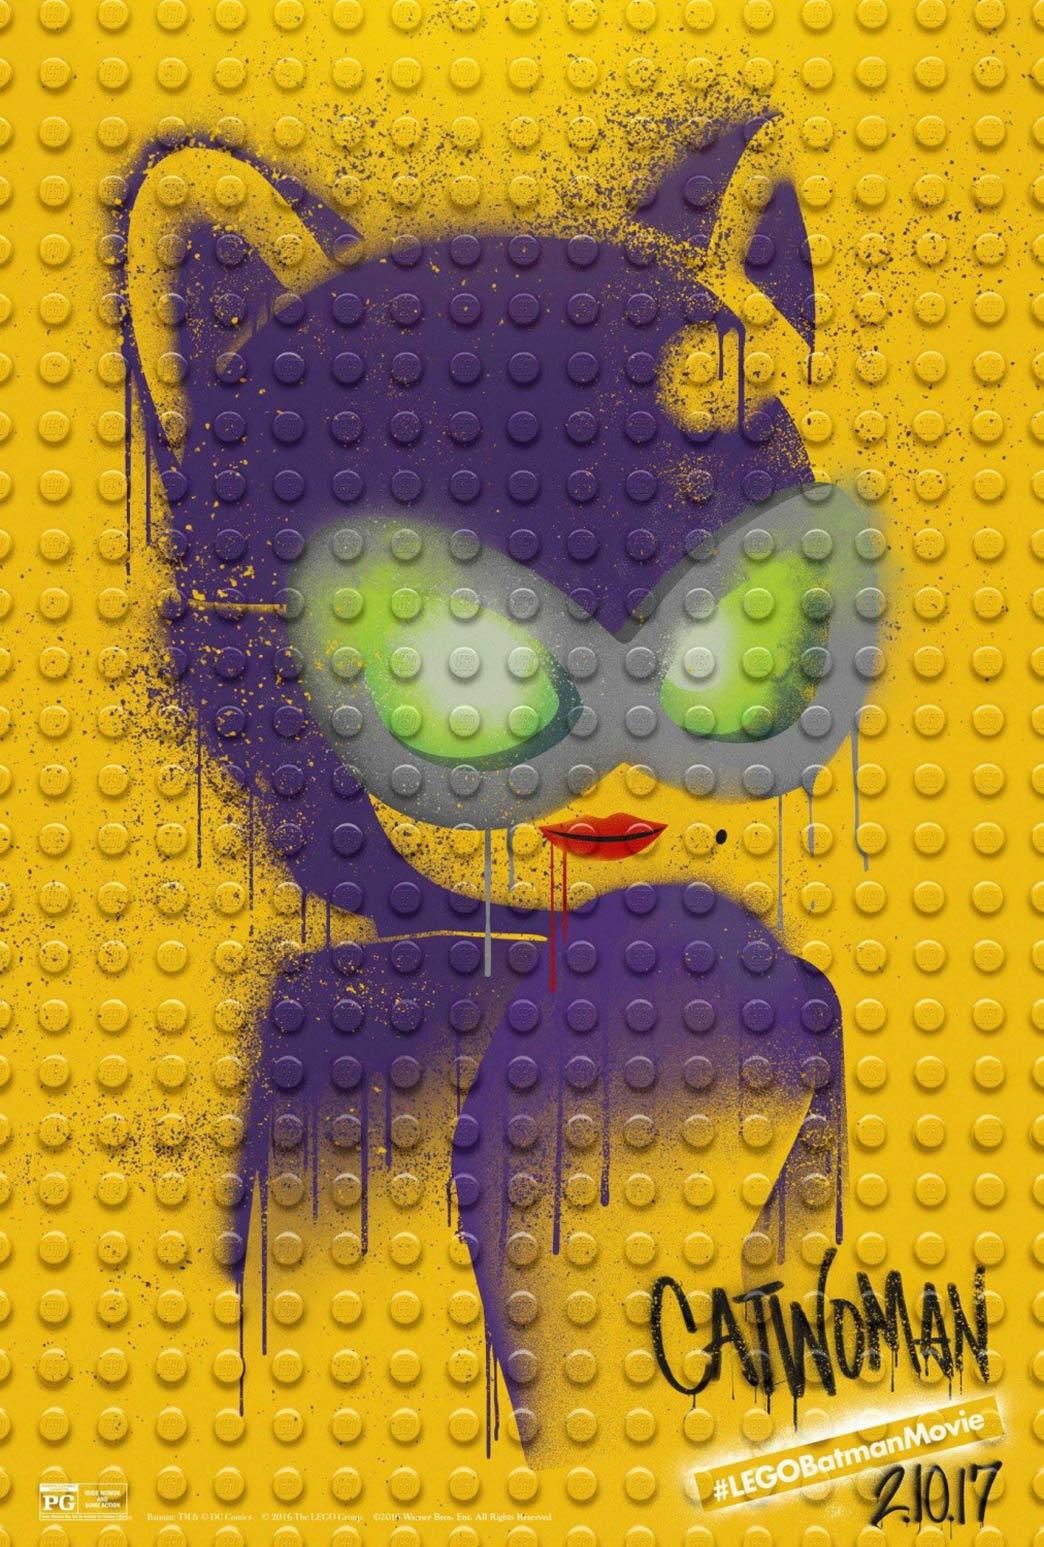 szmk_batman_lego_dc_poster_9.jpg